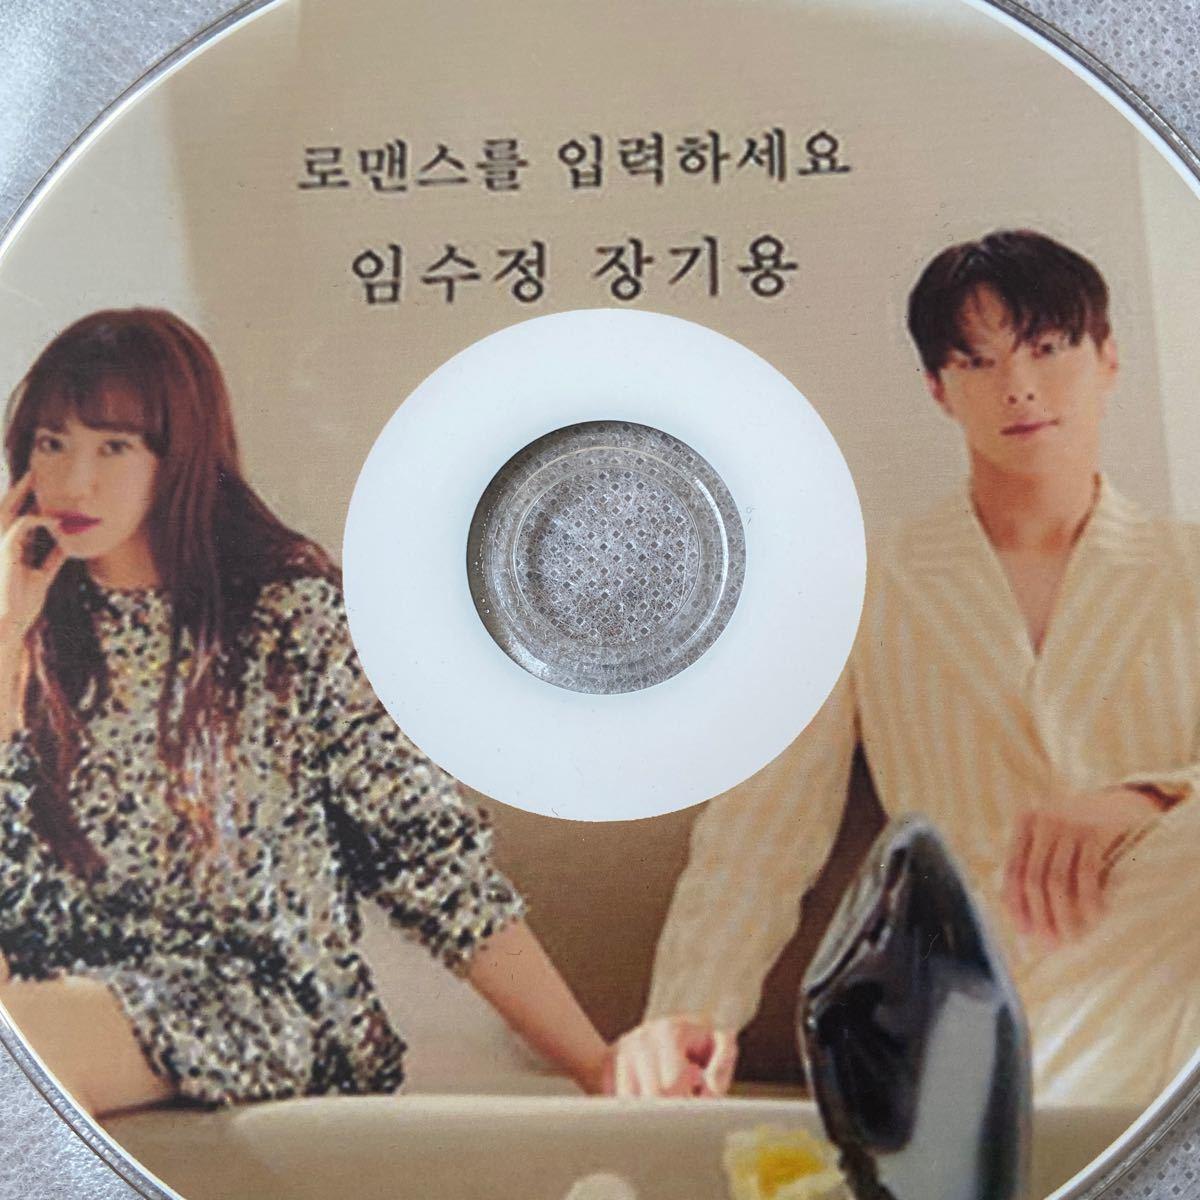 韓国ドラマ 恋愛ワードを入力してください